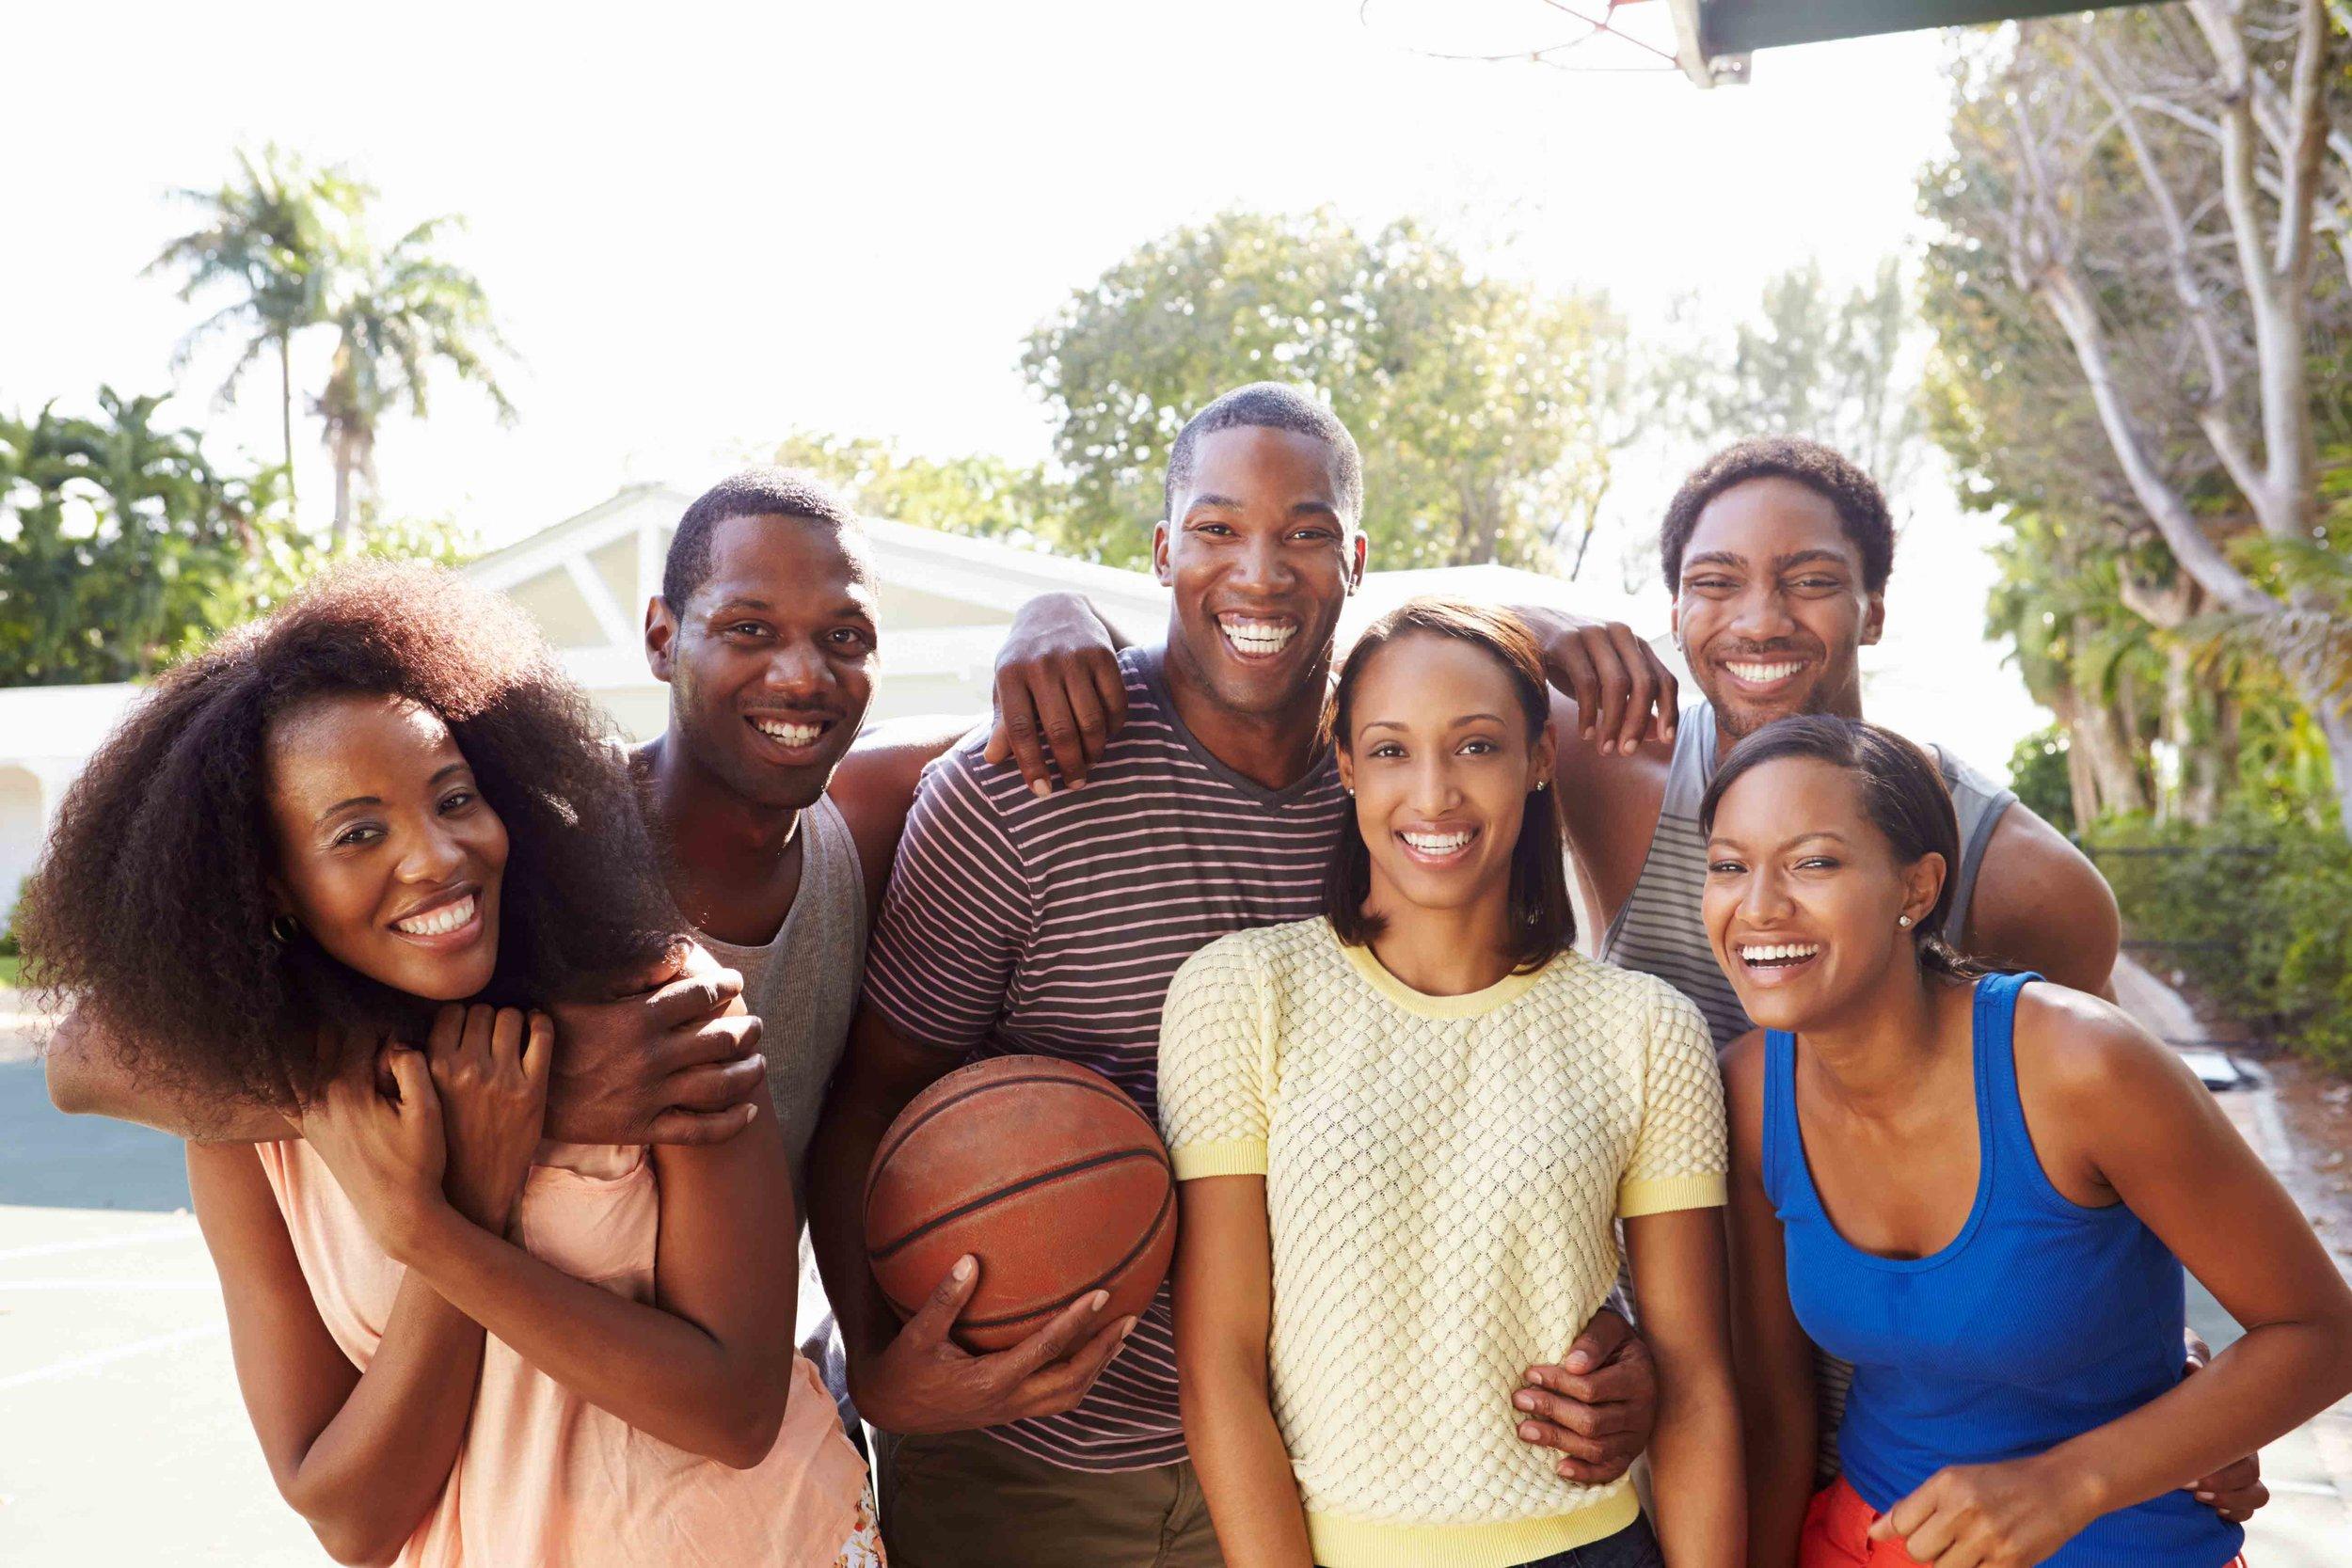 black people group